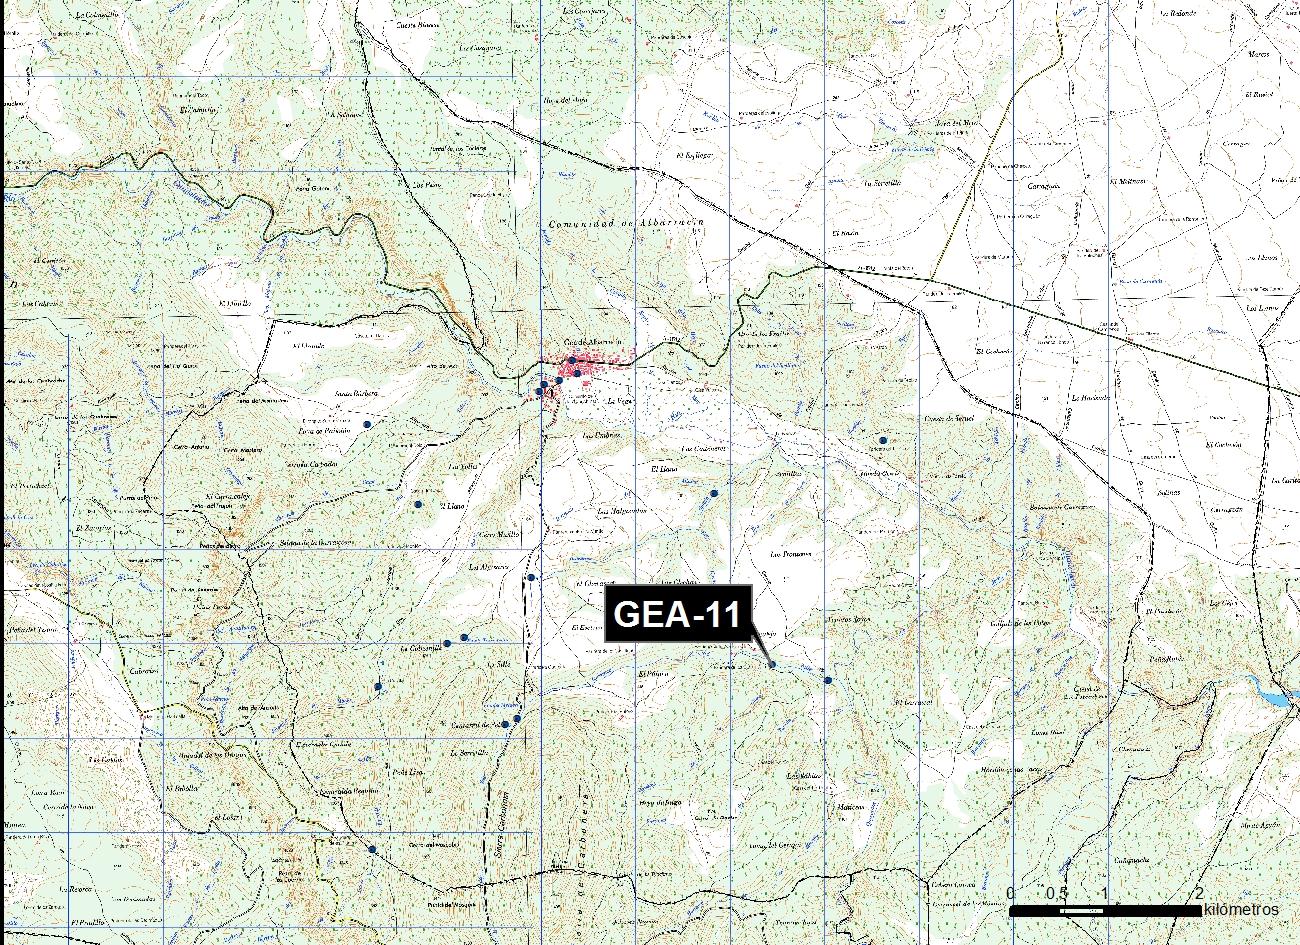 GEA_11_M.V.LOZANO_OJO DE LA SARGALEJA_MAP.TOPO 1